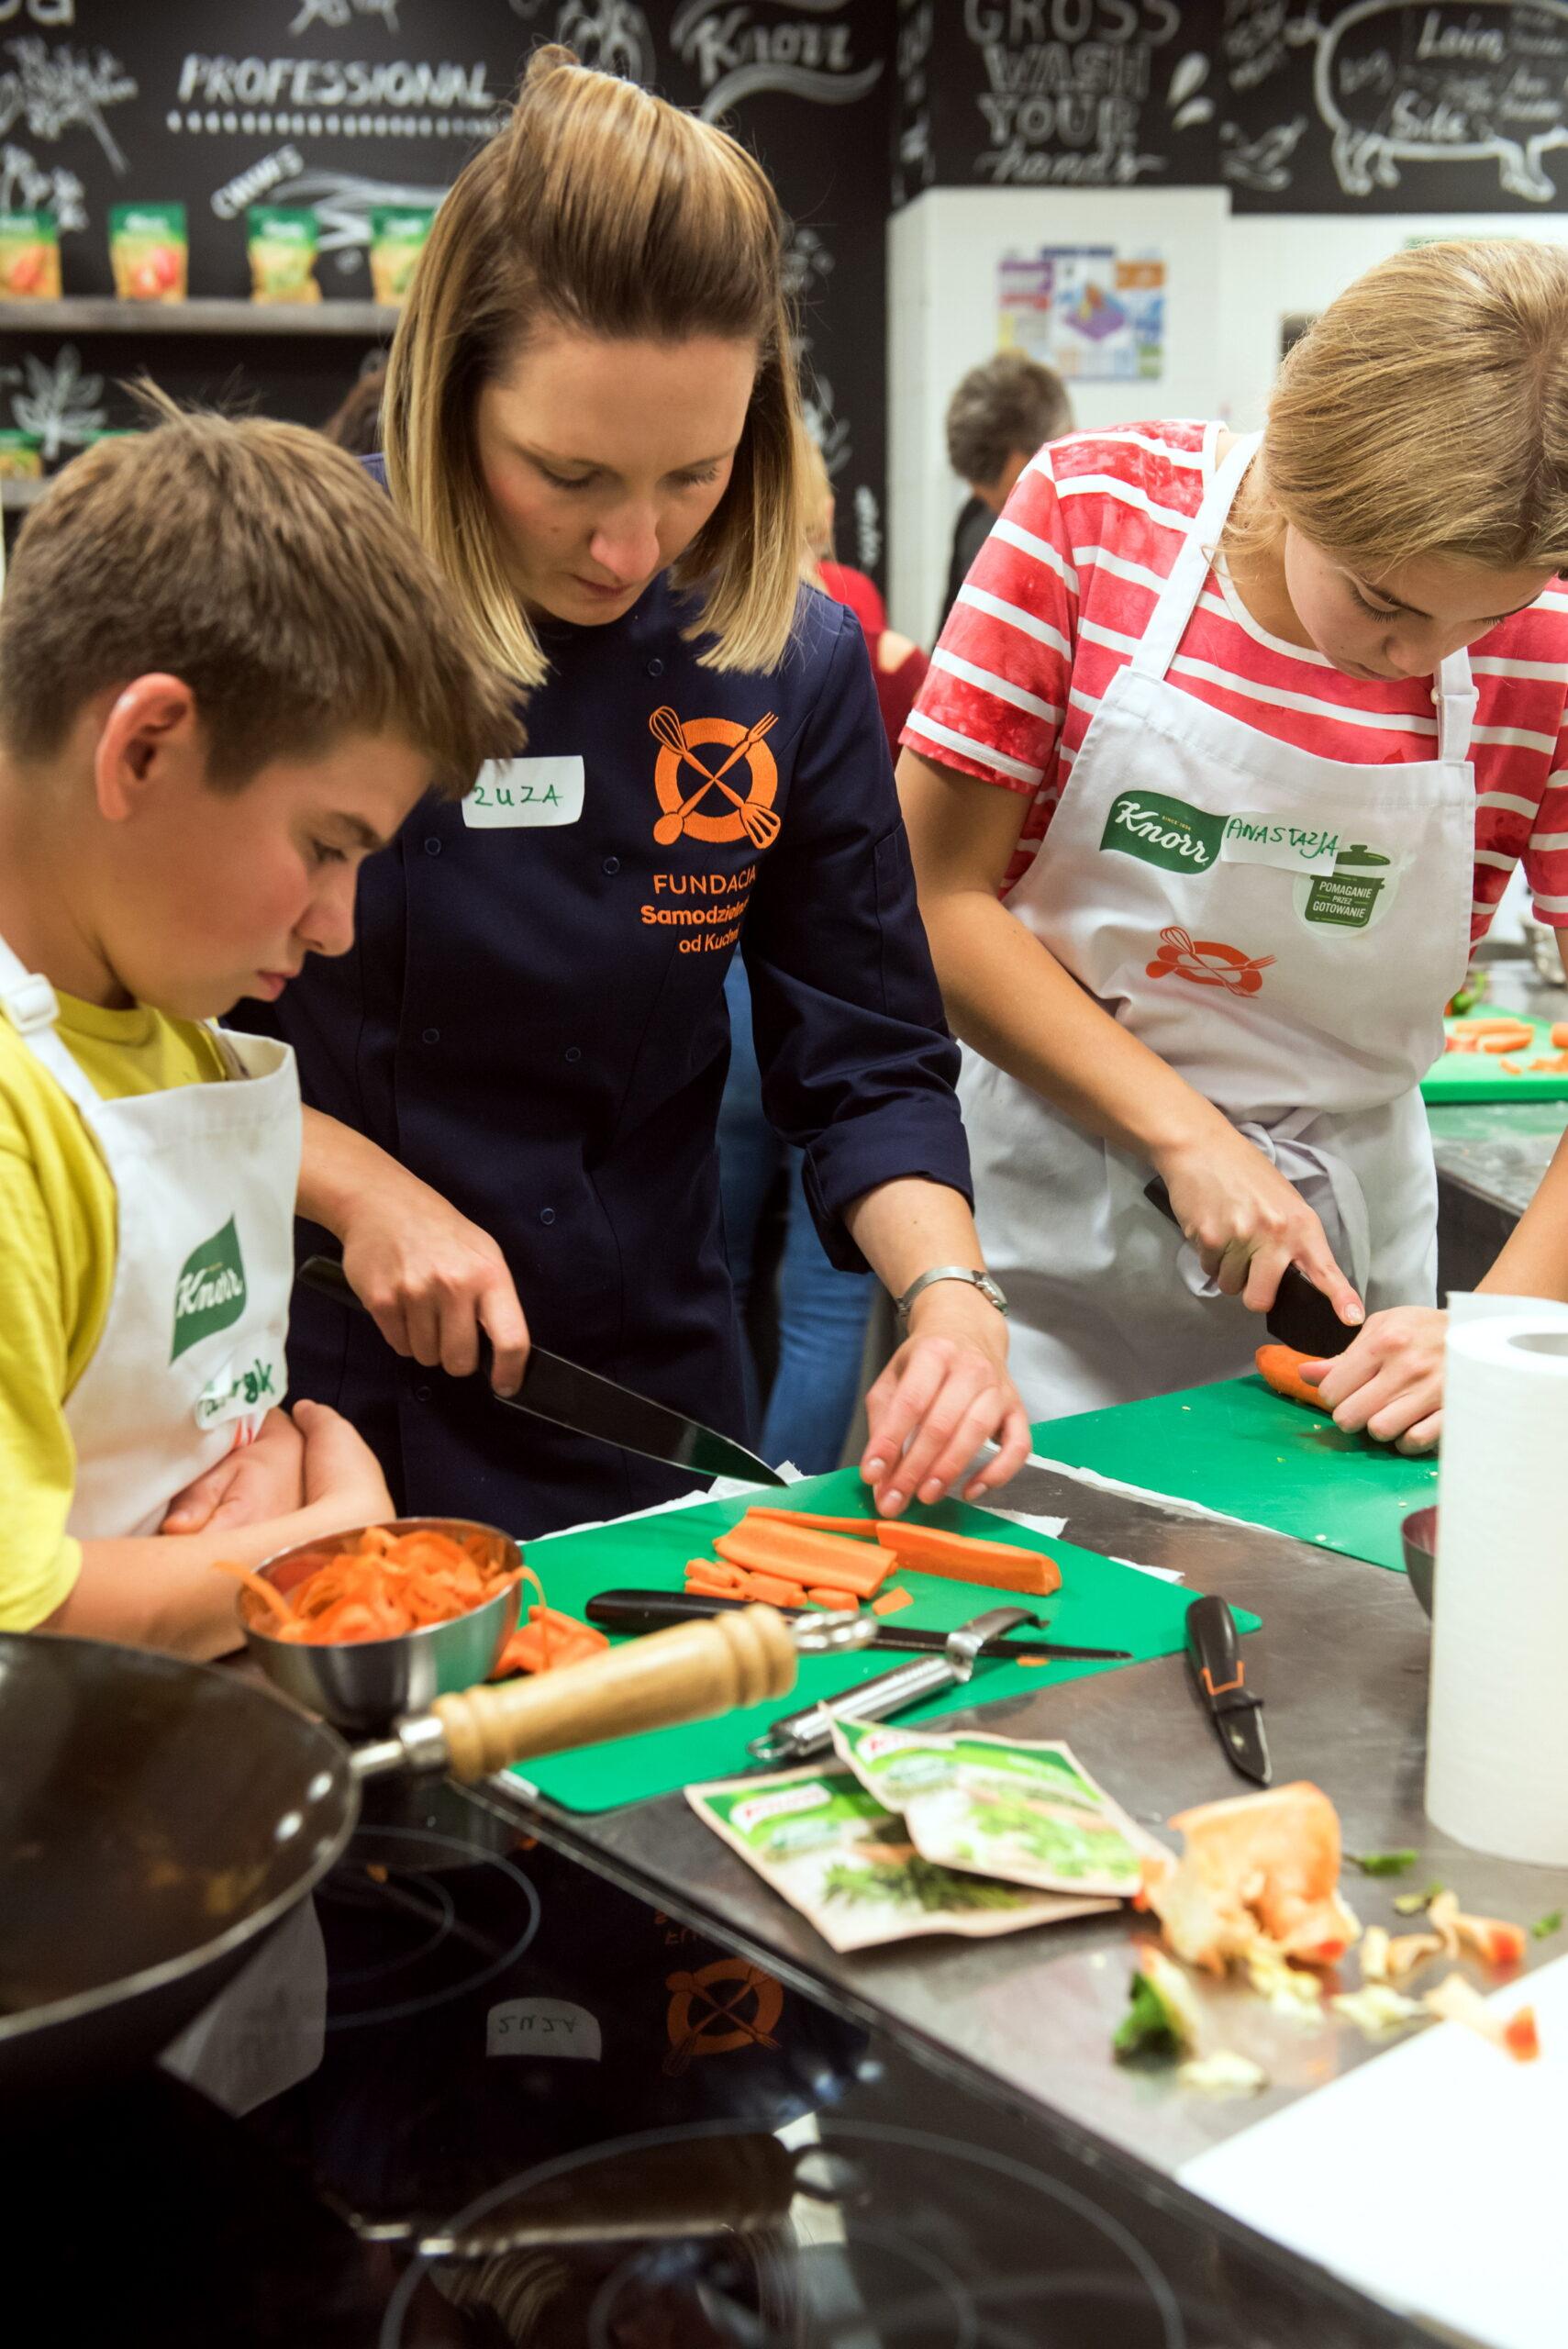 Warsztaty gotowanie młodzież krojenie